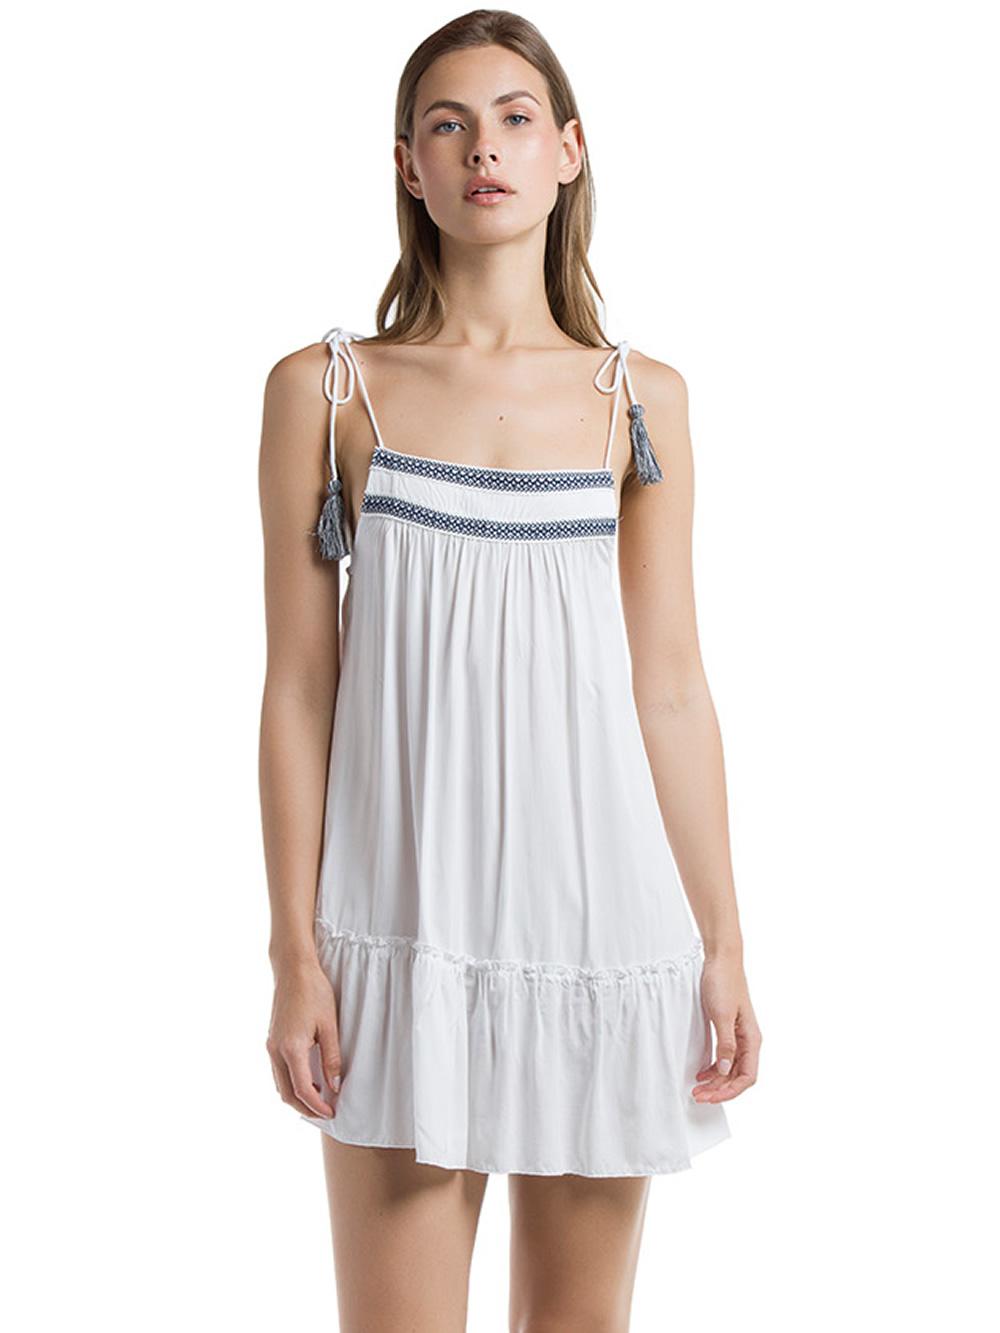 186243536638 Harmony Αέρινο Φόρεμα - Σχέδιο Κέντημα   Φούντες - Glami.gr